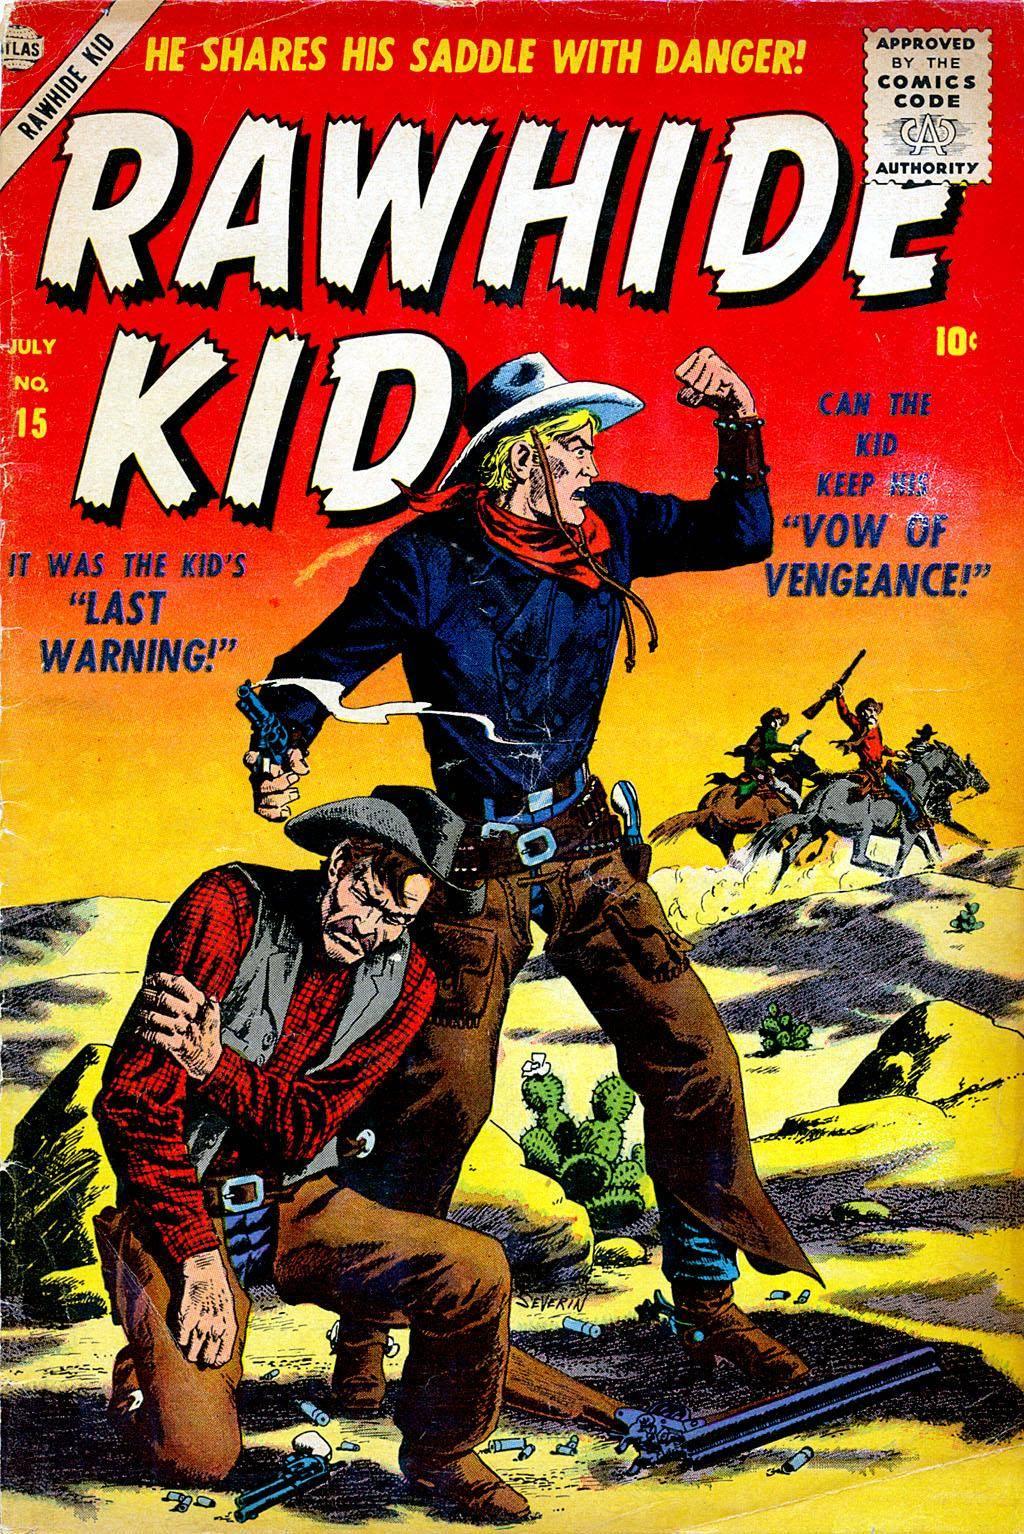 Rawhide Kid v1 015 1957 Pmack